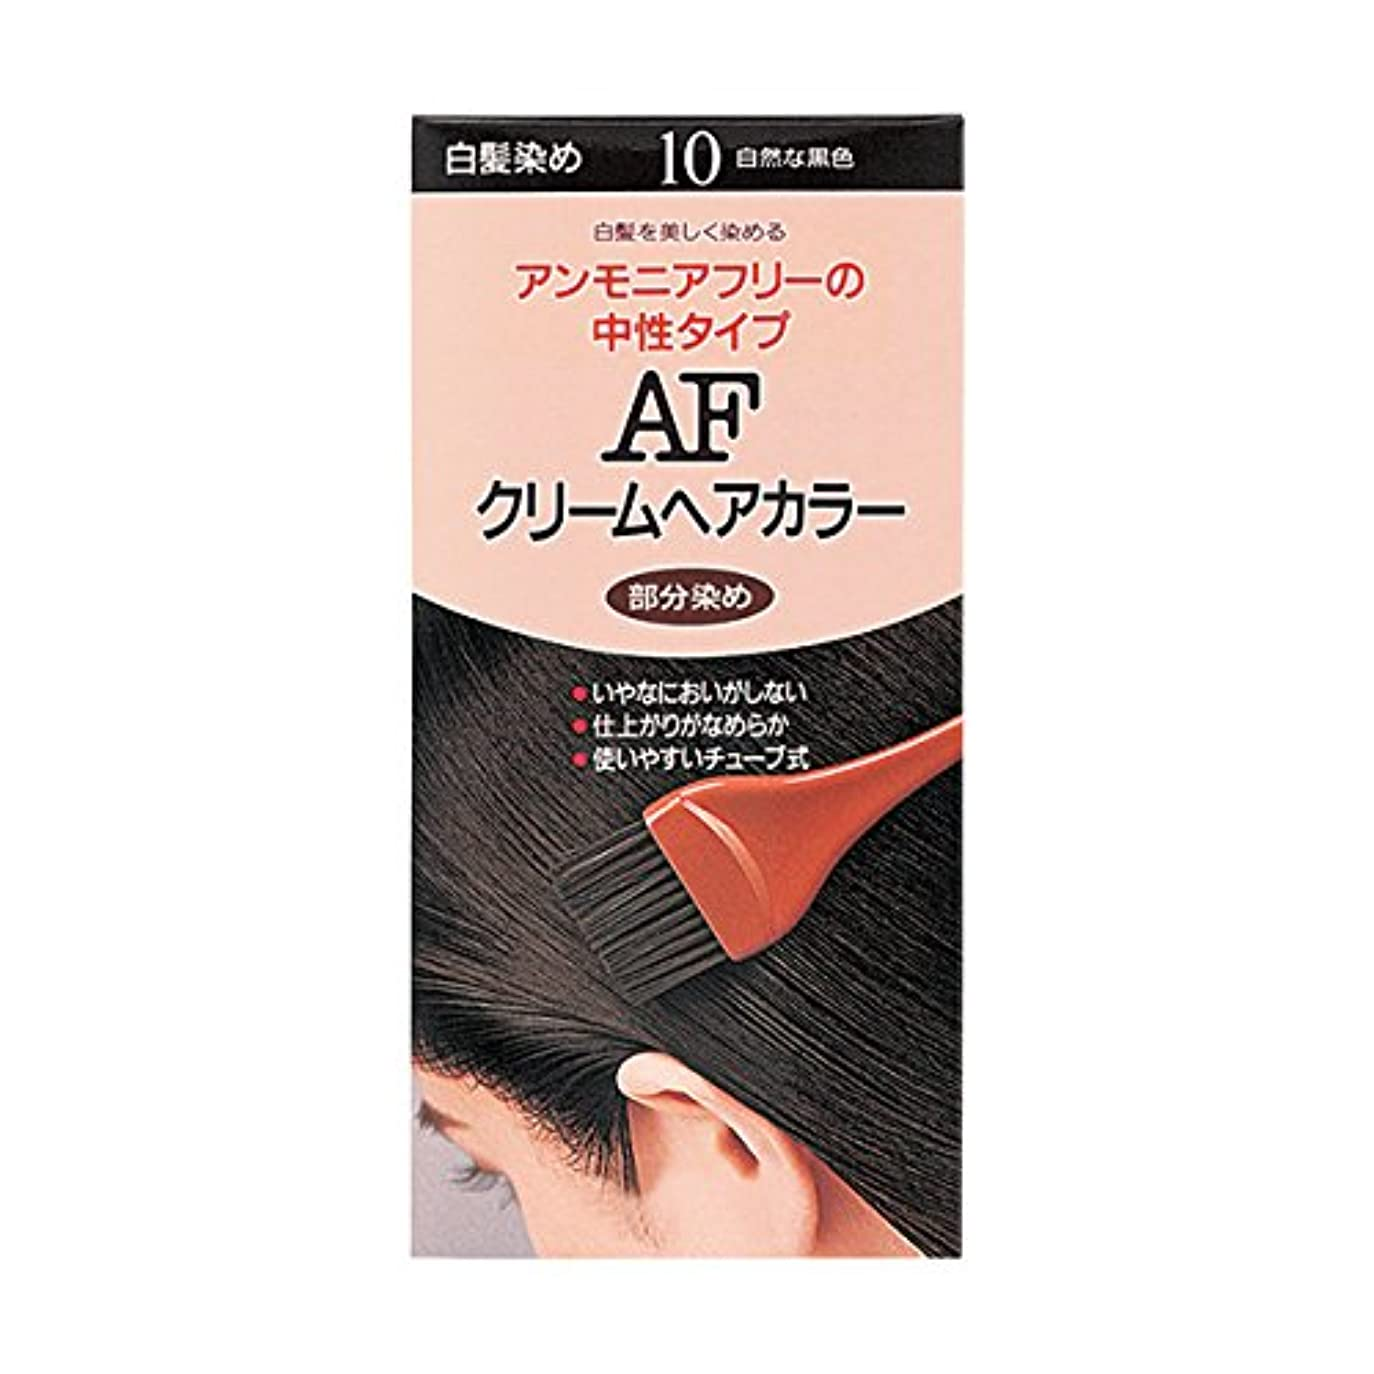 バルコニー無知アーティファクトヘアカラー AFクリームヘアカラー 10 【医薬部外品】